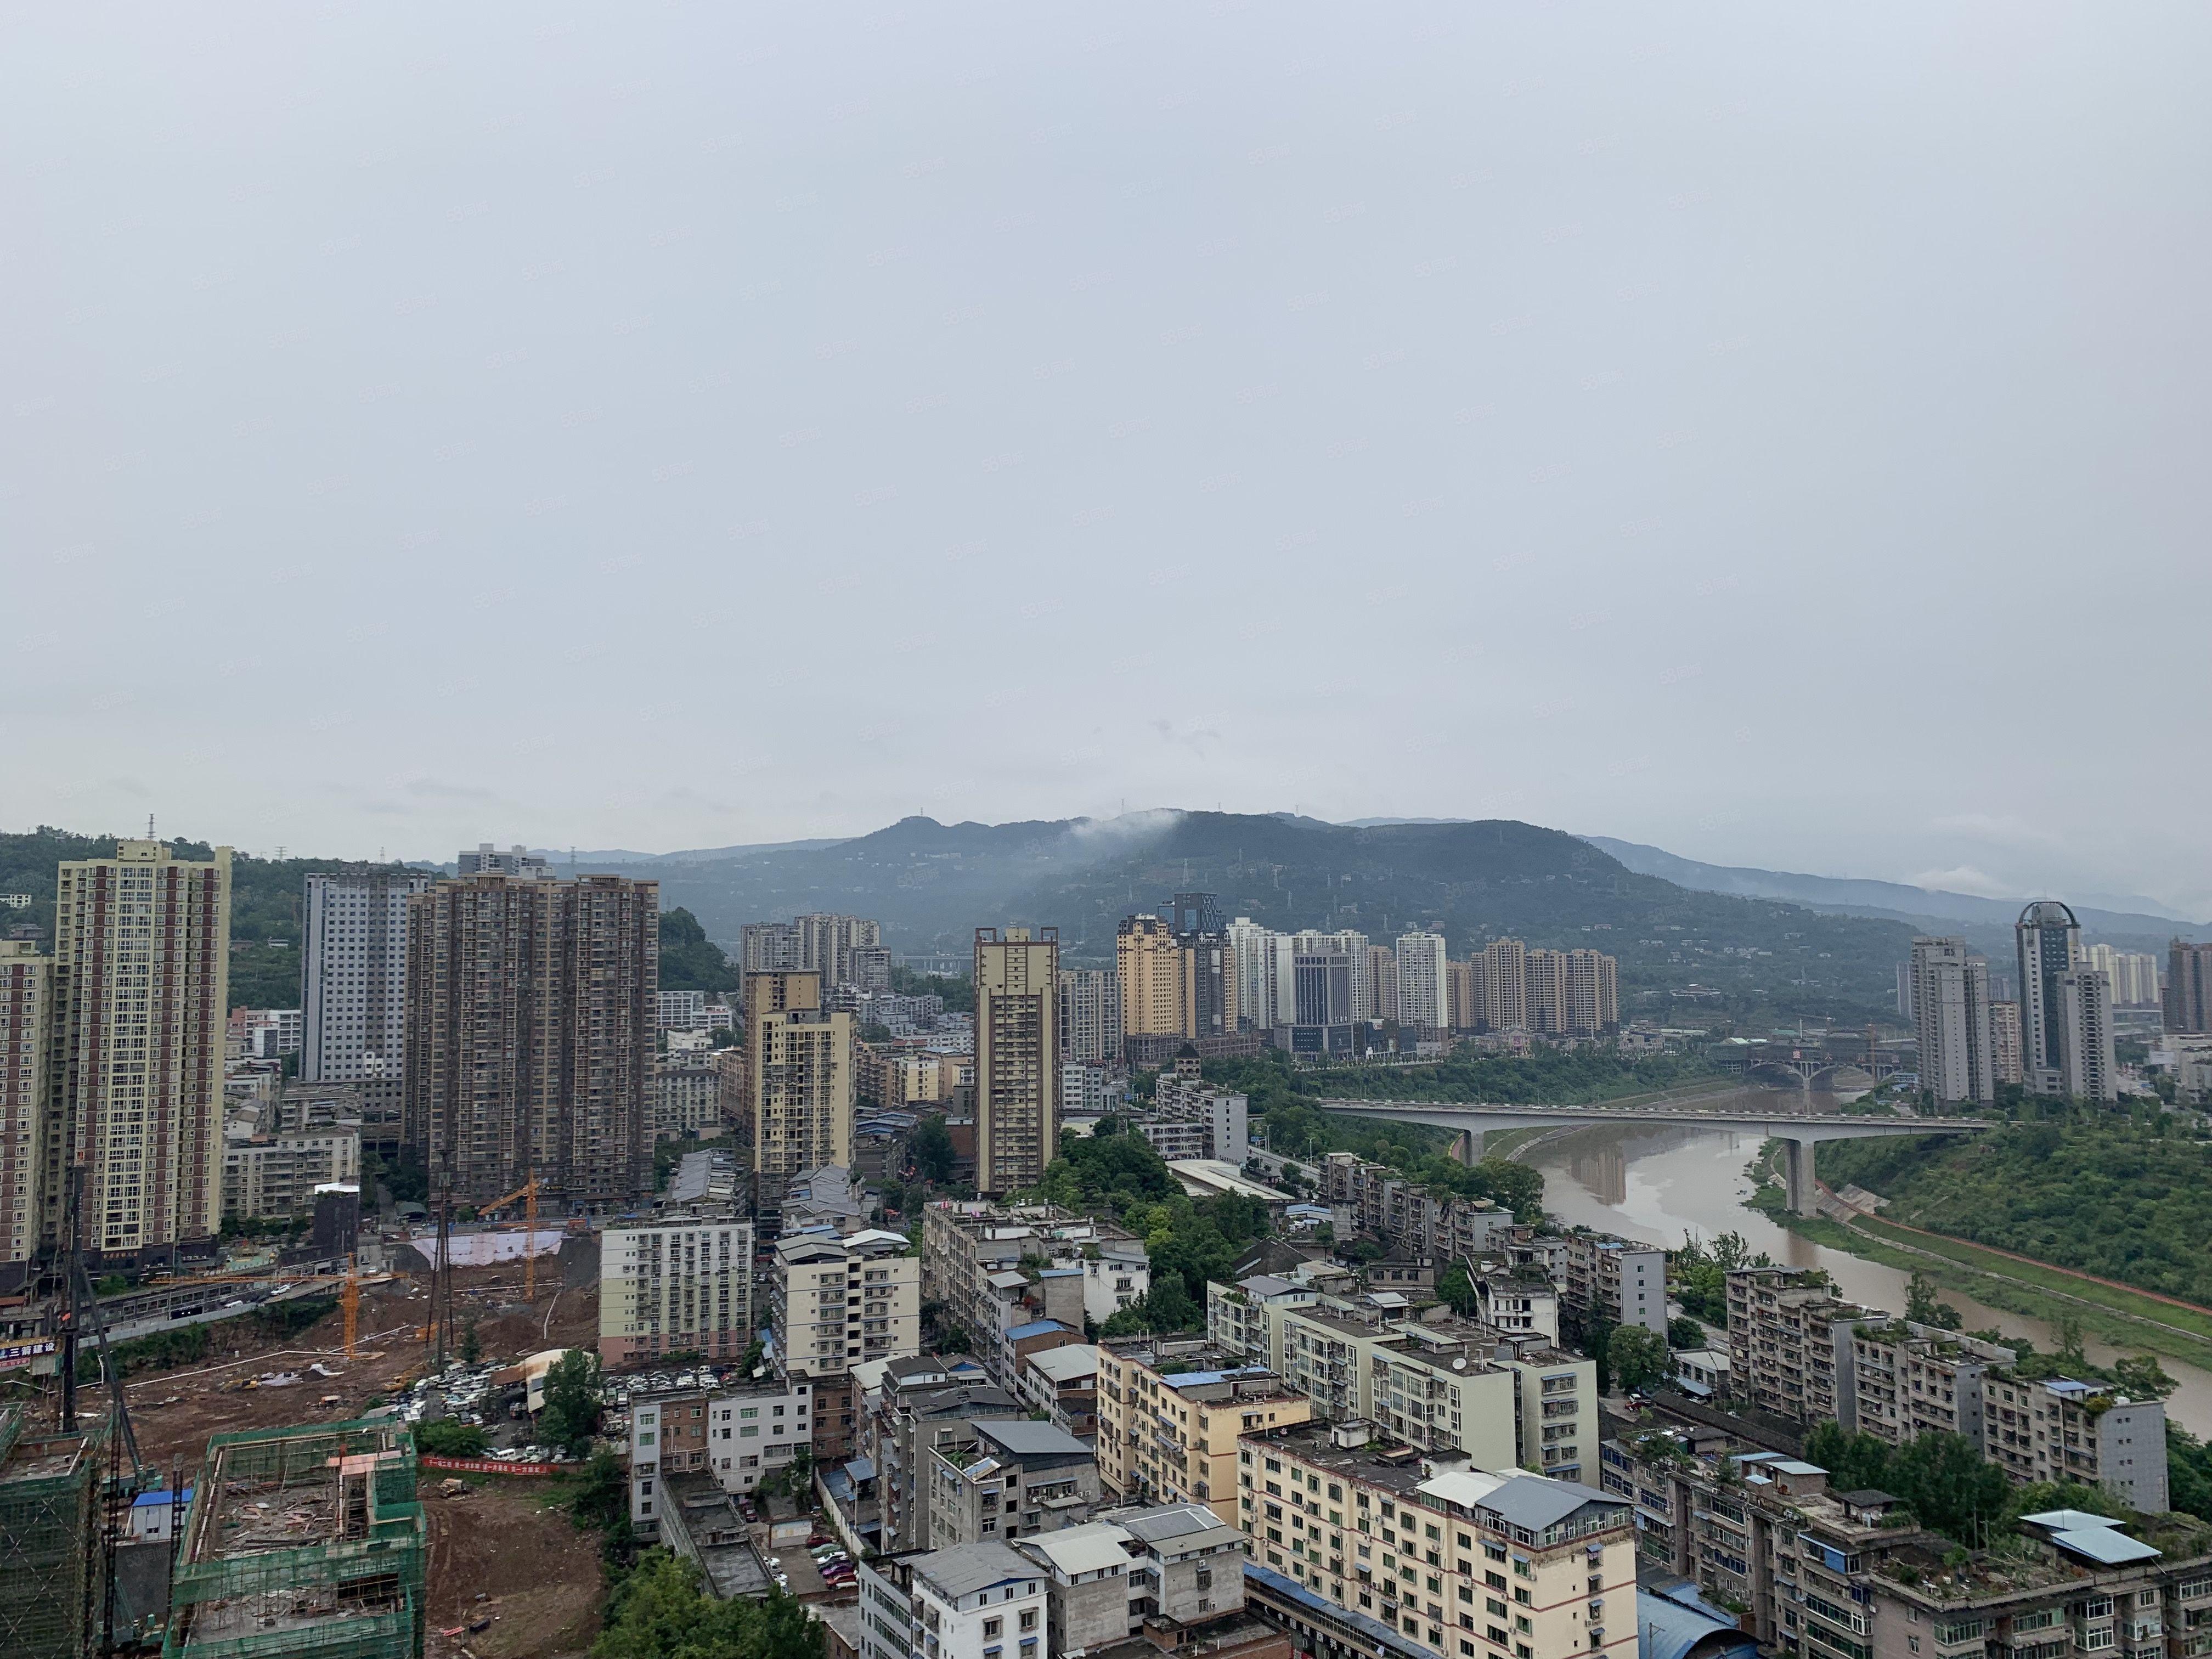 柳津桥国际城超豪华楼中楼只卖普通电梯公寓价格需全款